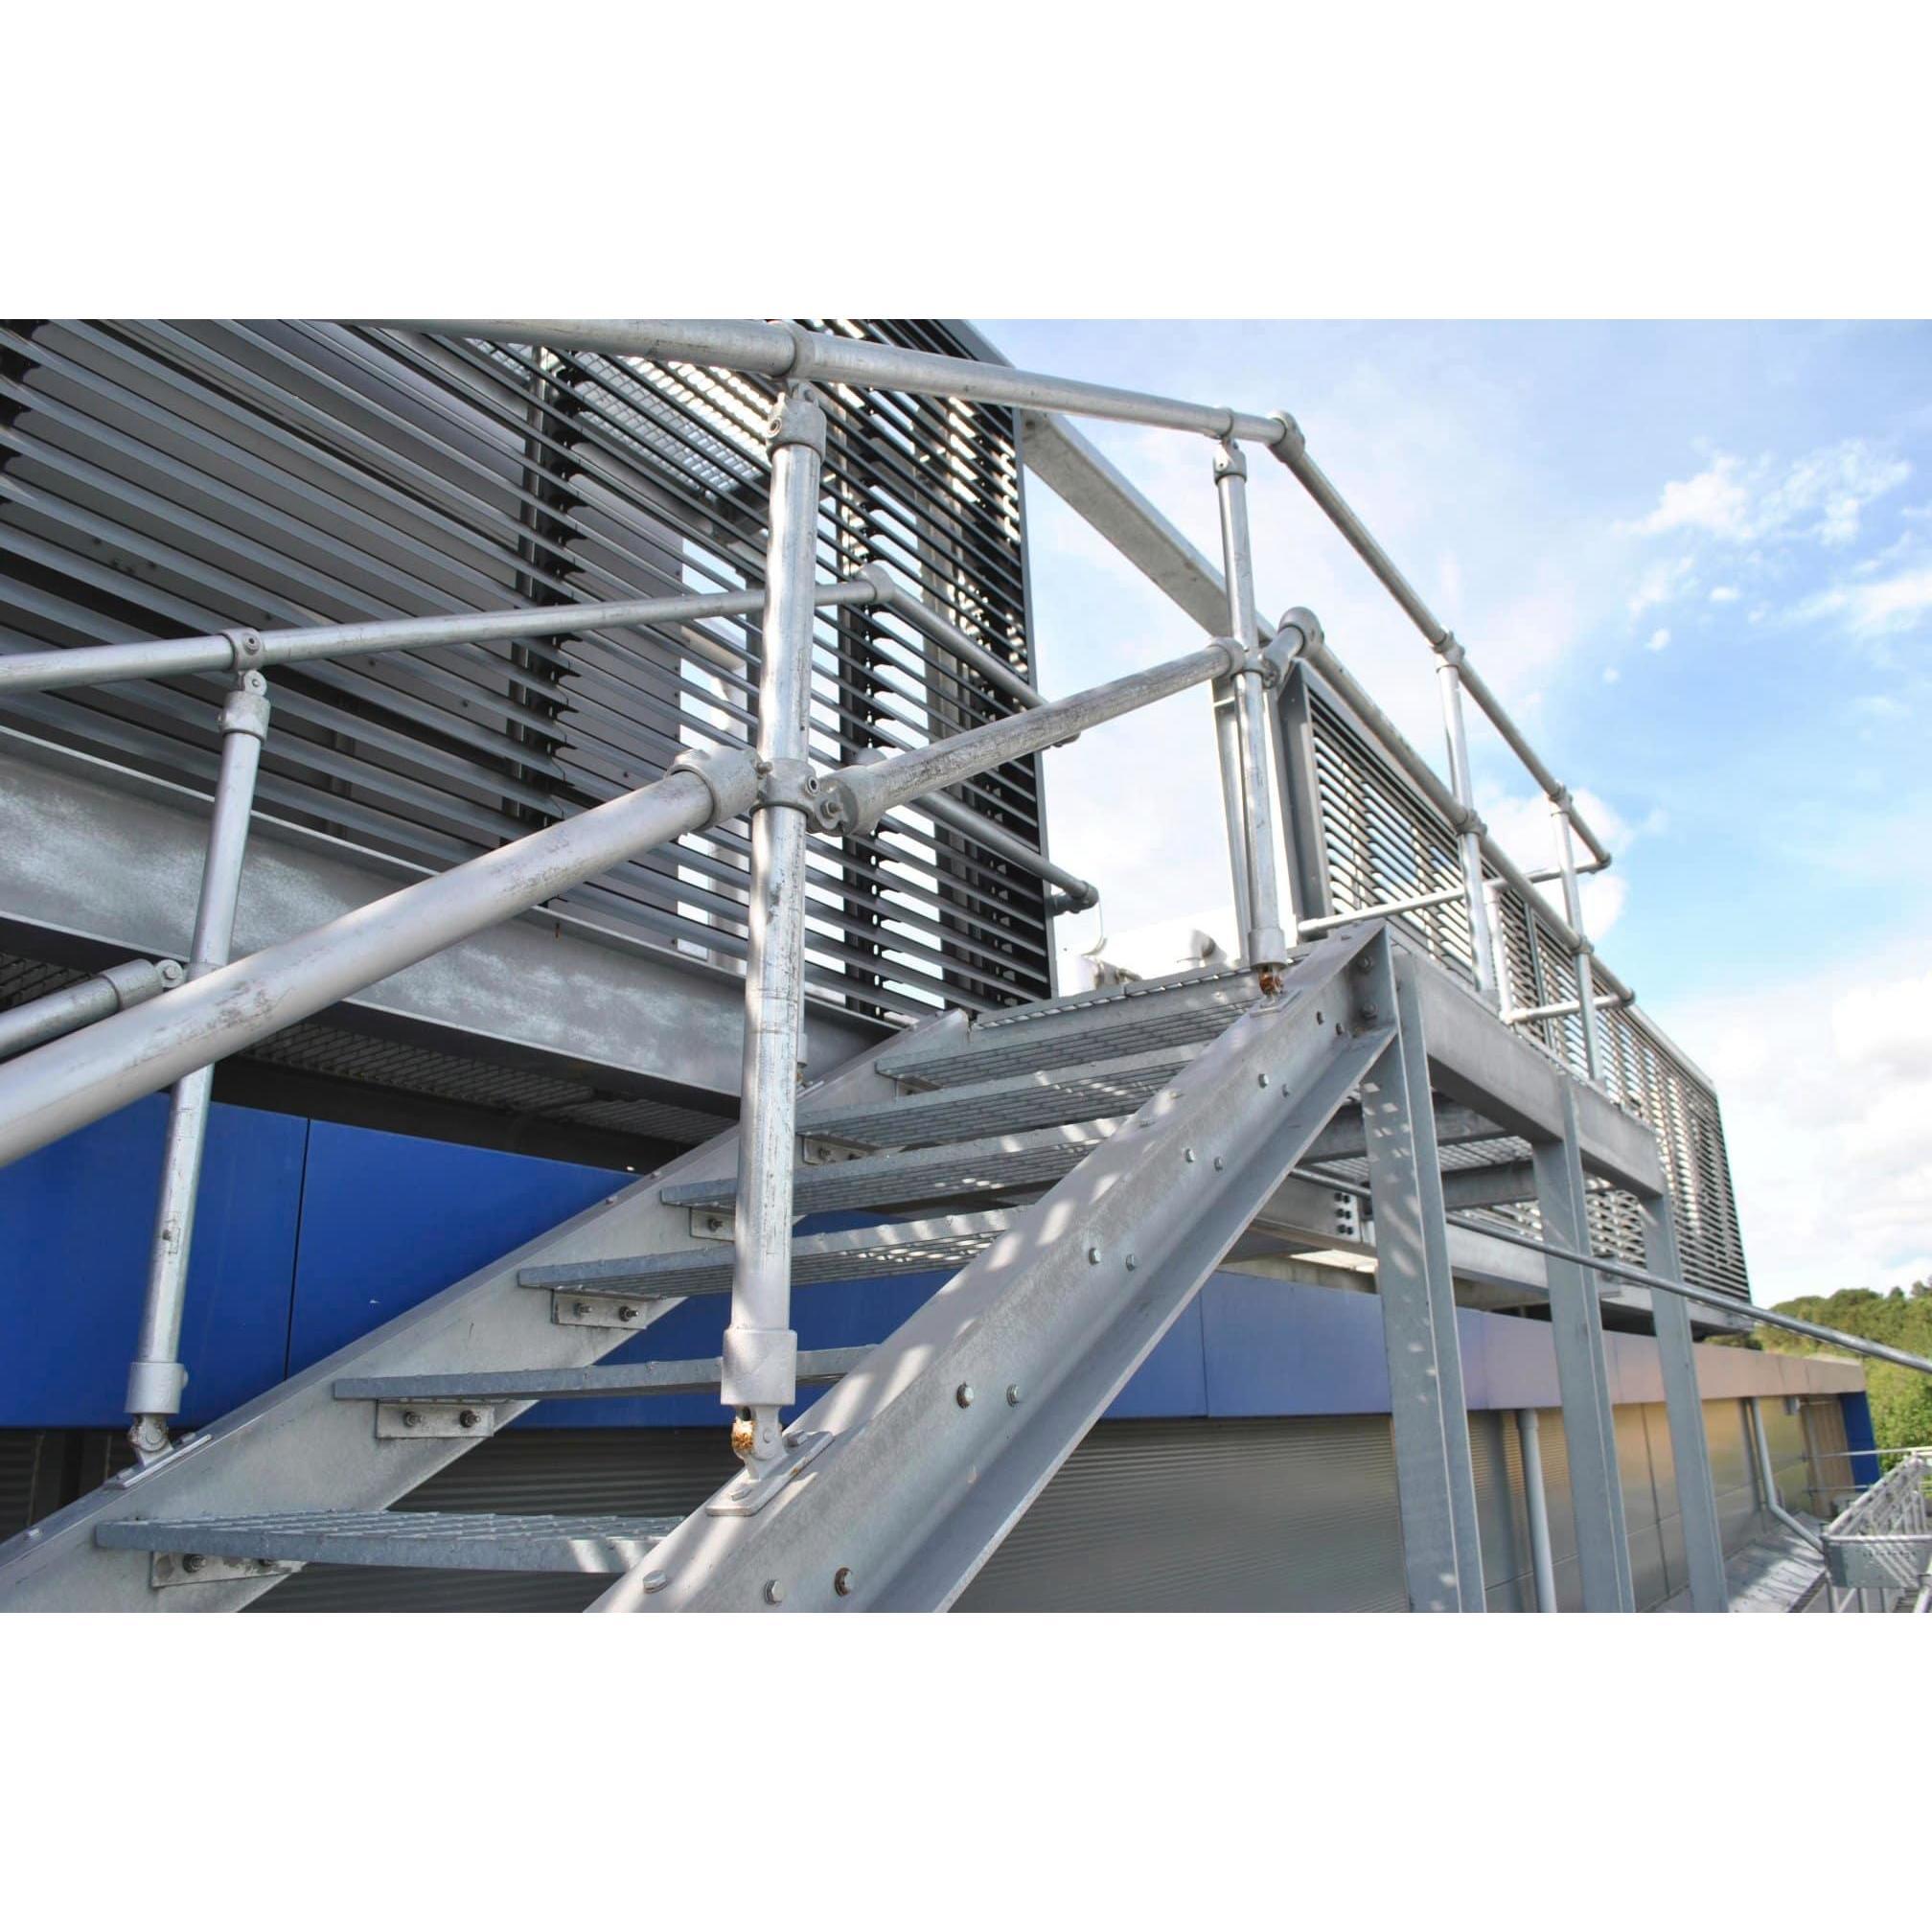 Kenex Engineering Ltd - Exeter, Devon EX4 8JN - 01392 466600 | ShowMeLocal.com